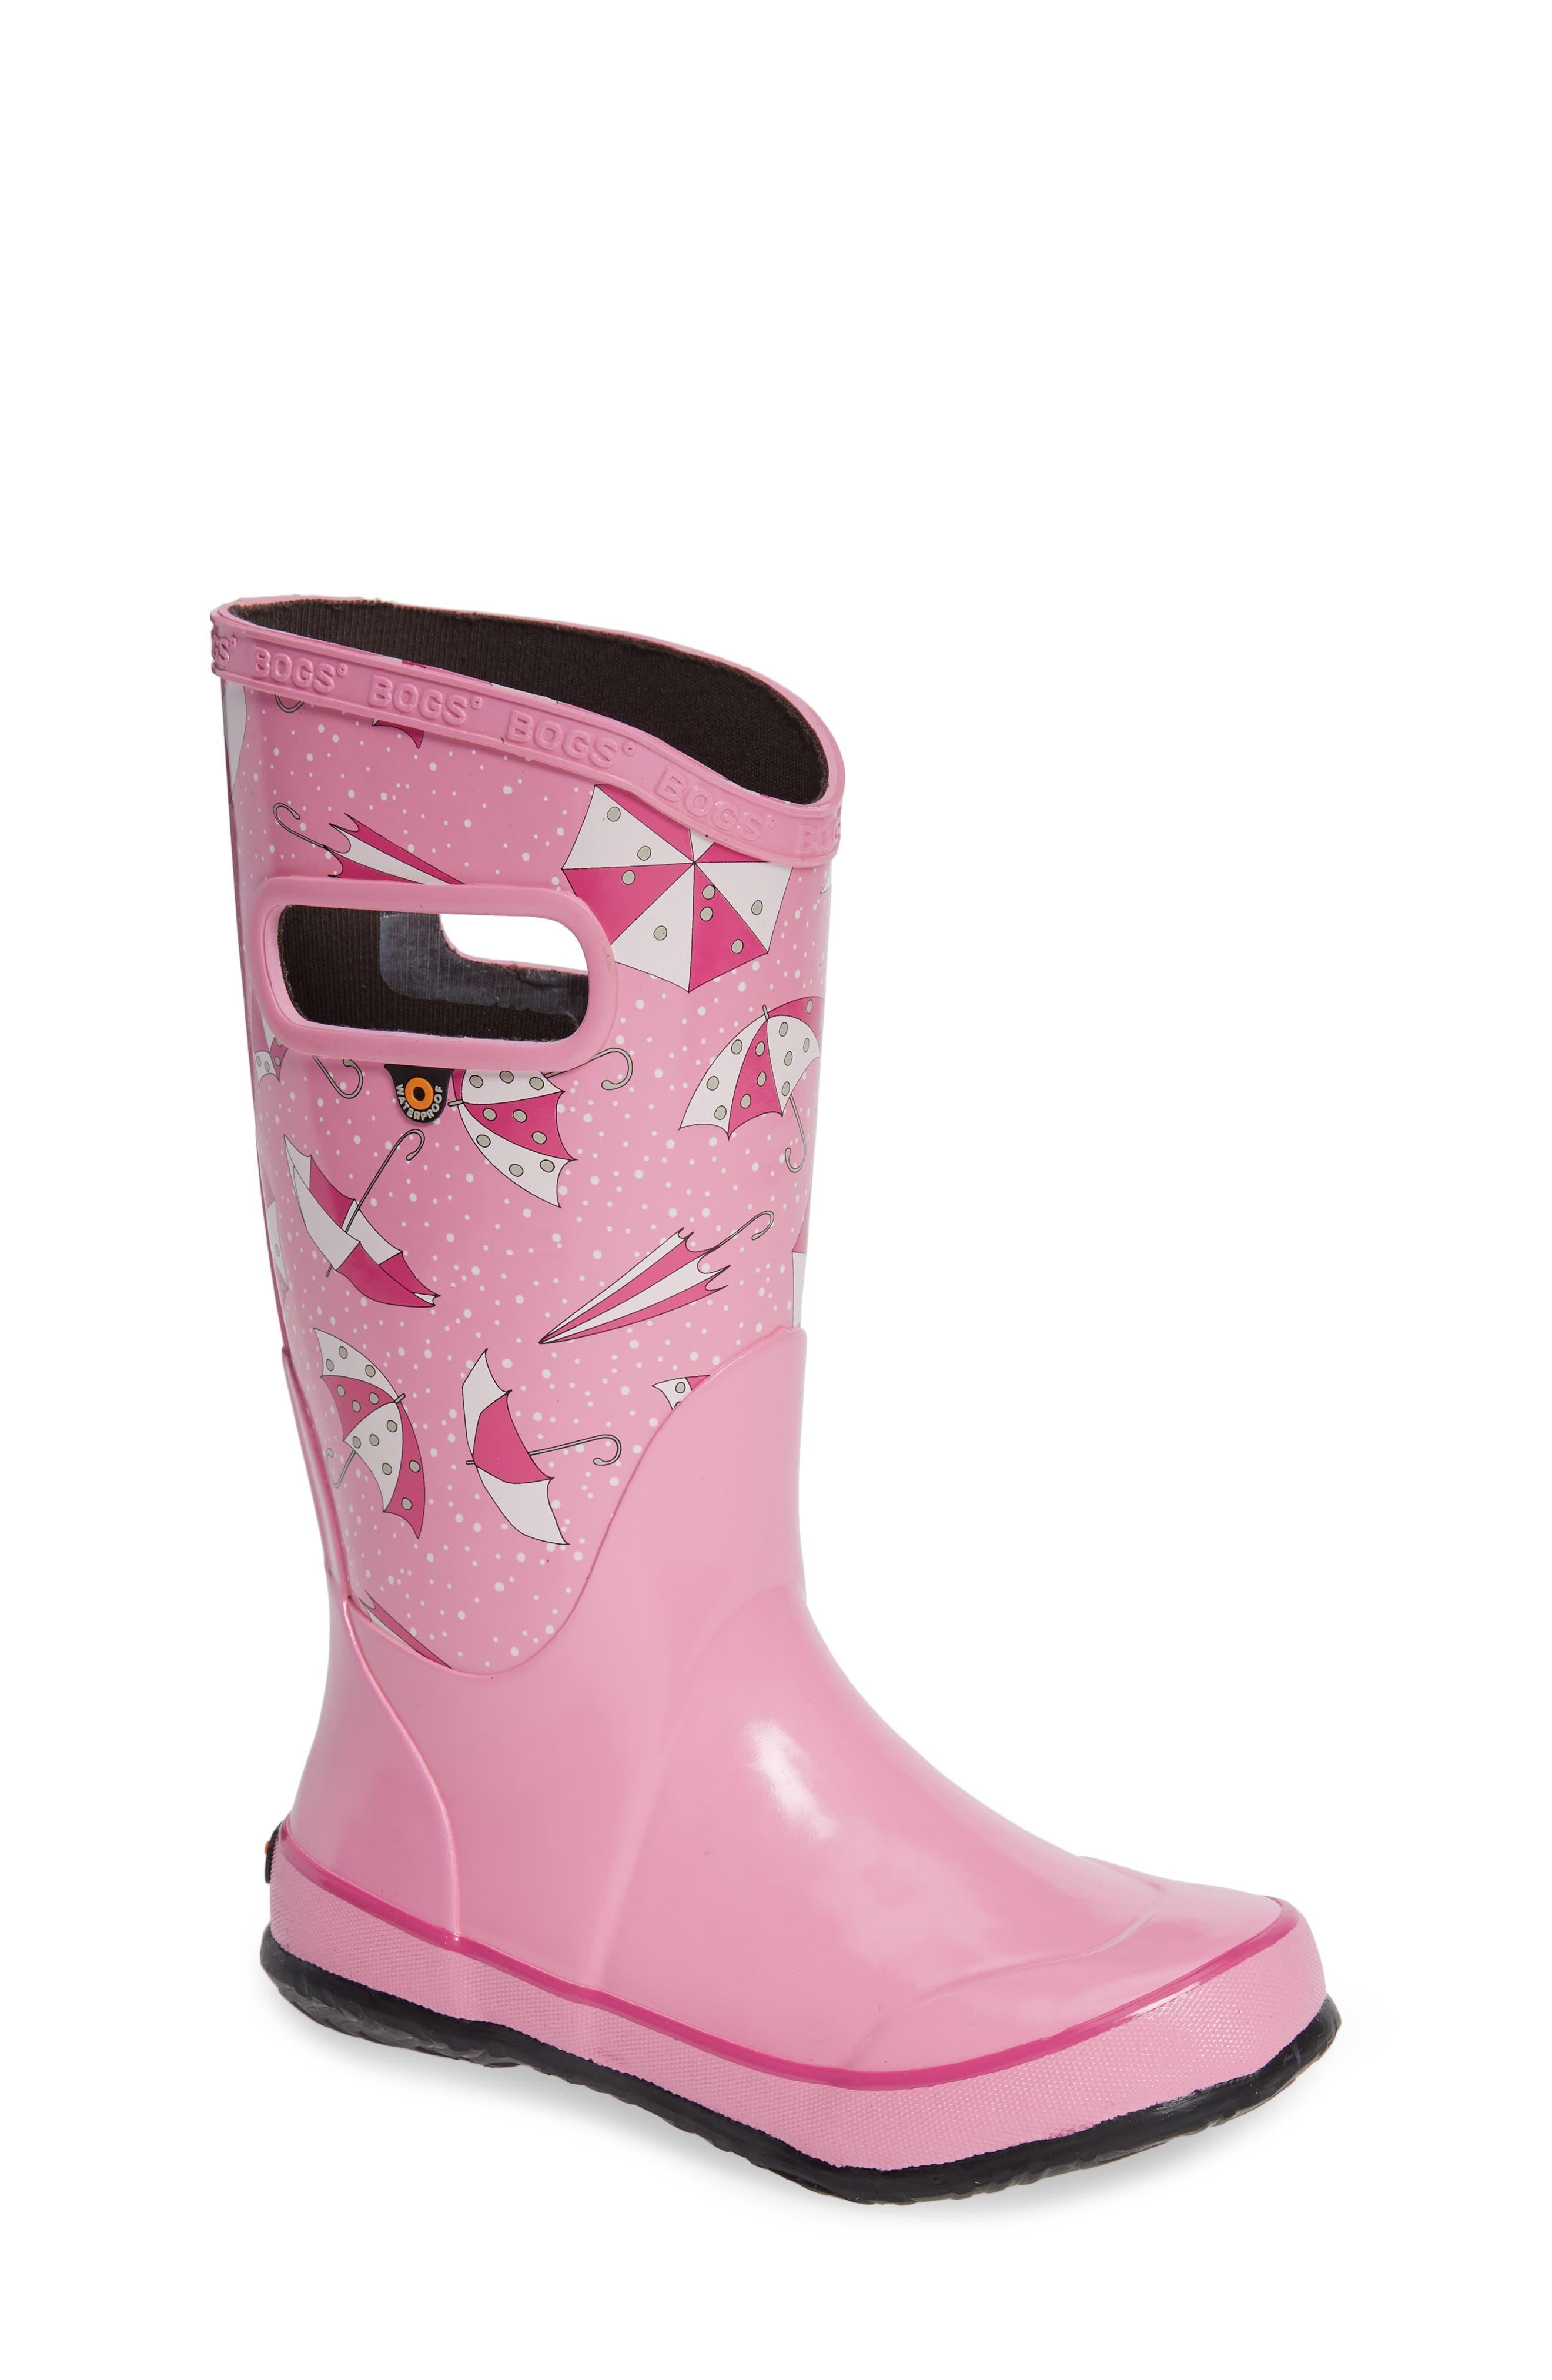 Umbrellas Waterproof Rubber Rain Boot,                             Main thumbnail 1, color,                             PINK MULTI